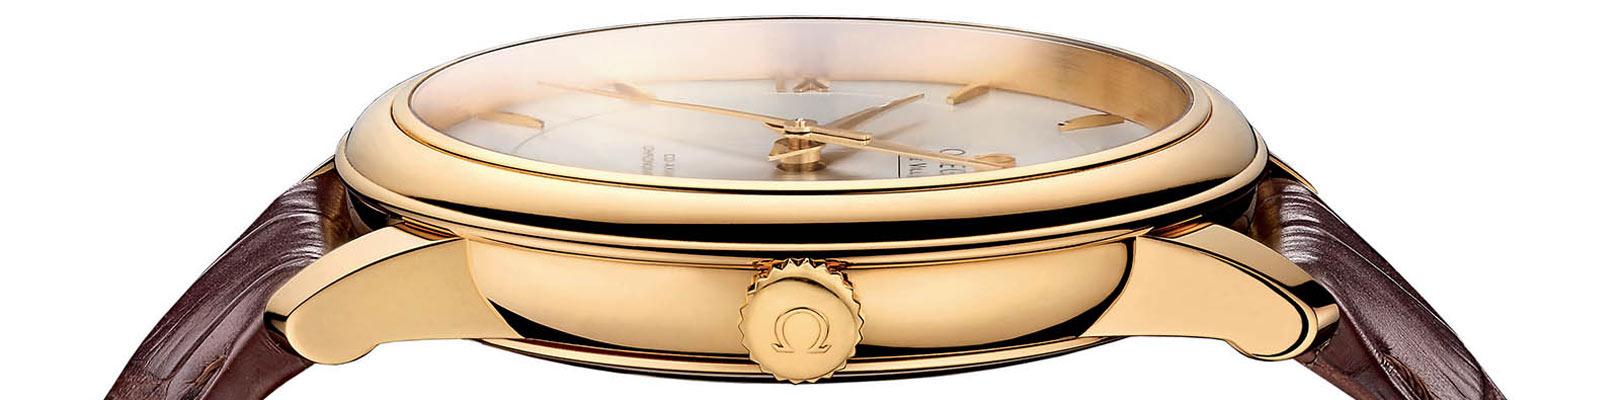 典雅系列腕表 - 背景